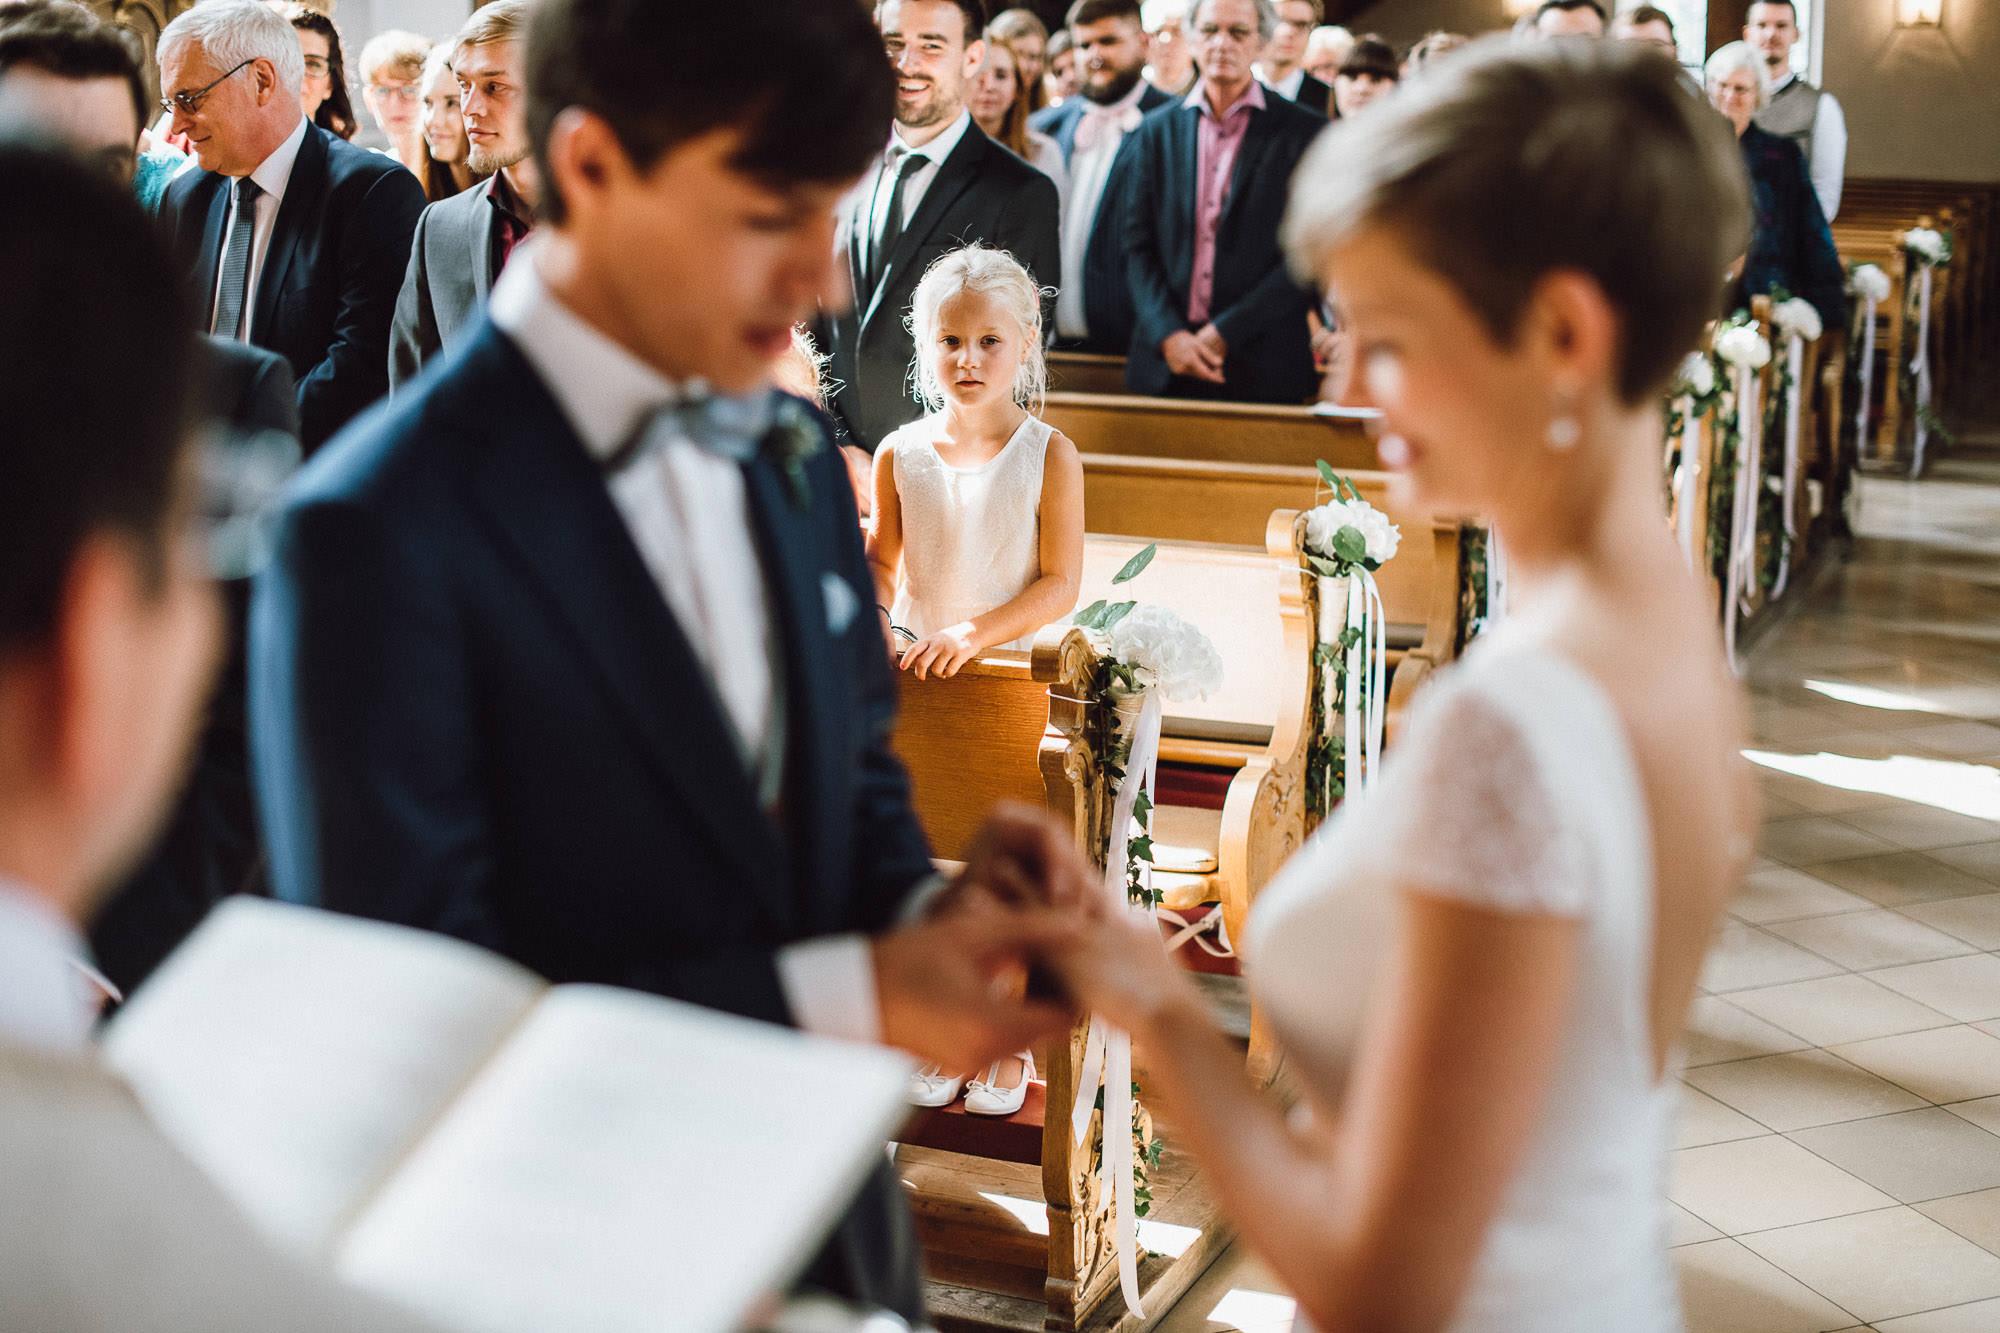 greenery-wedding-hochzeit-prielhof-sukkulenten-scheyern-lauraelenaphotography-044